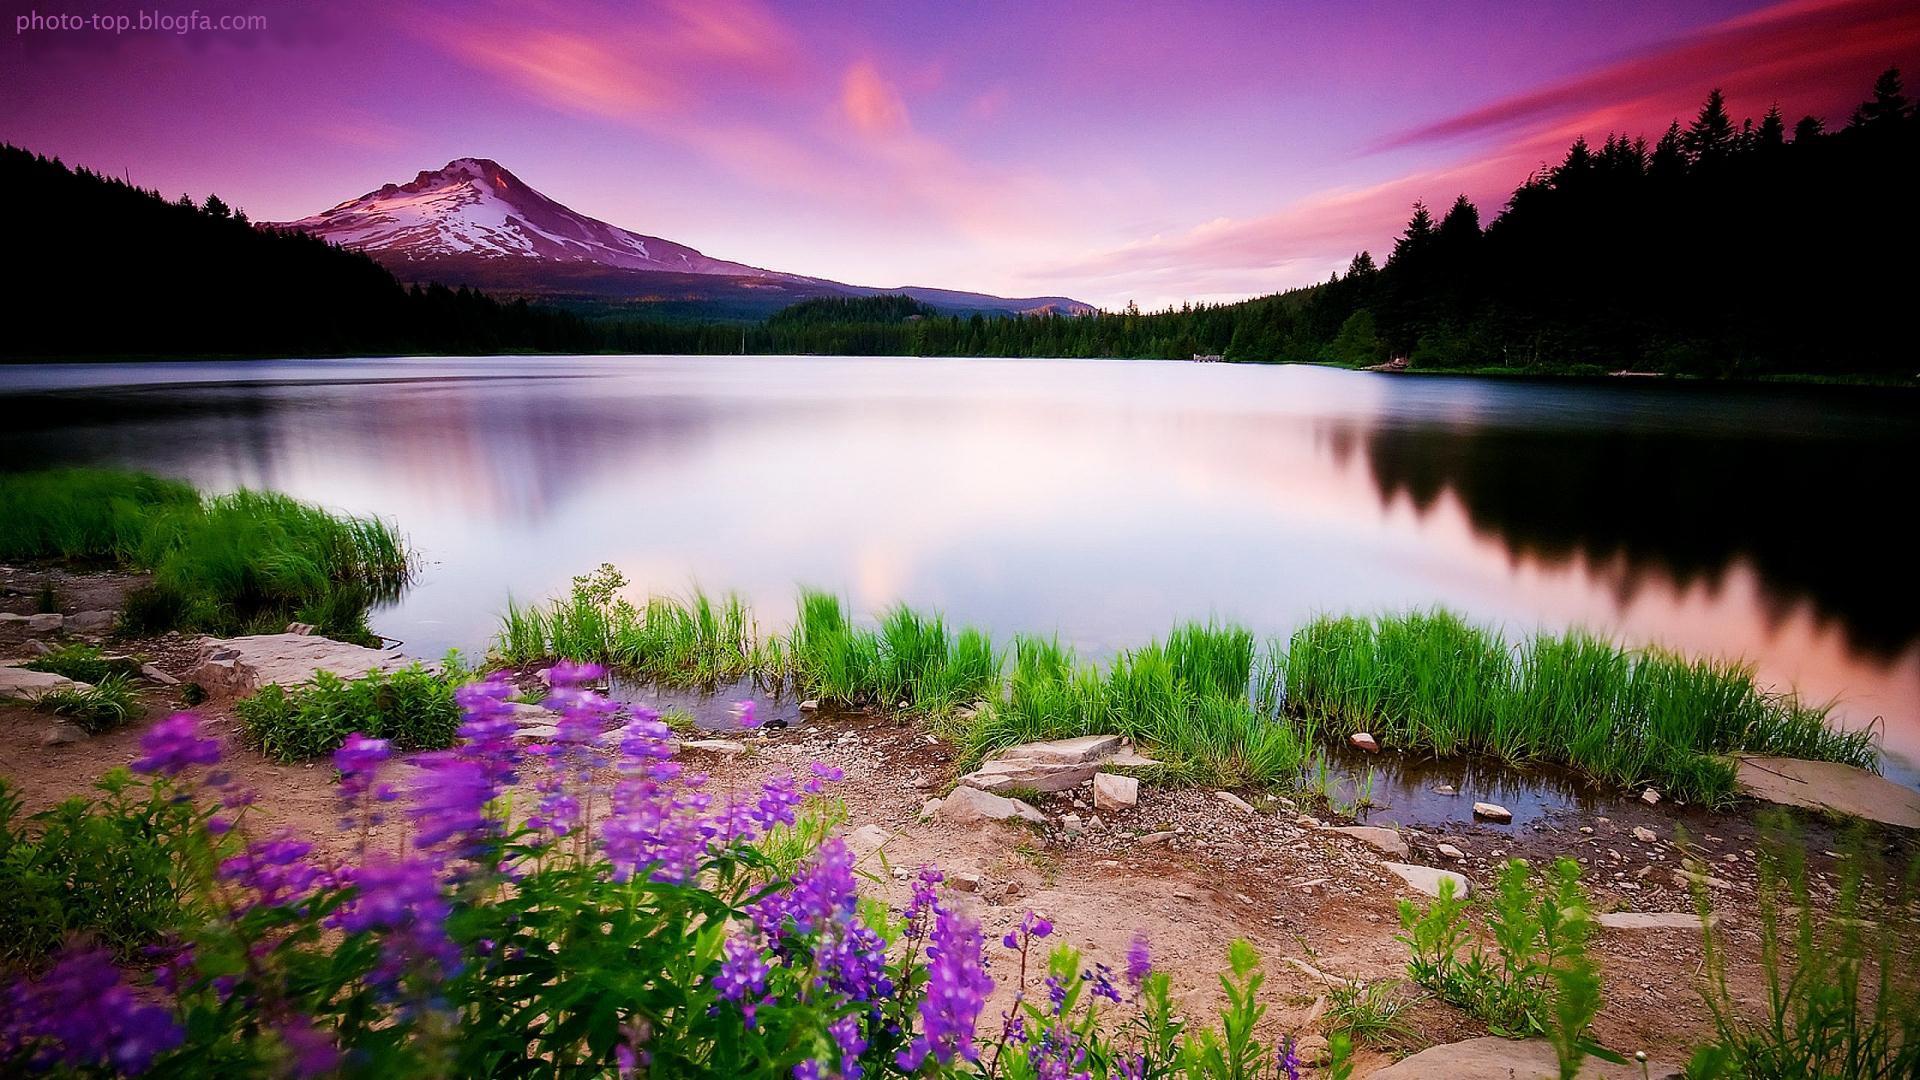 عکس طبیعت زیبا،تصاویر کیفیت بالا از منظره های زیبای طبیعی